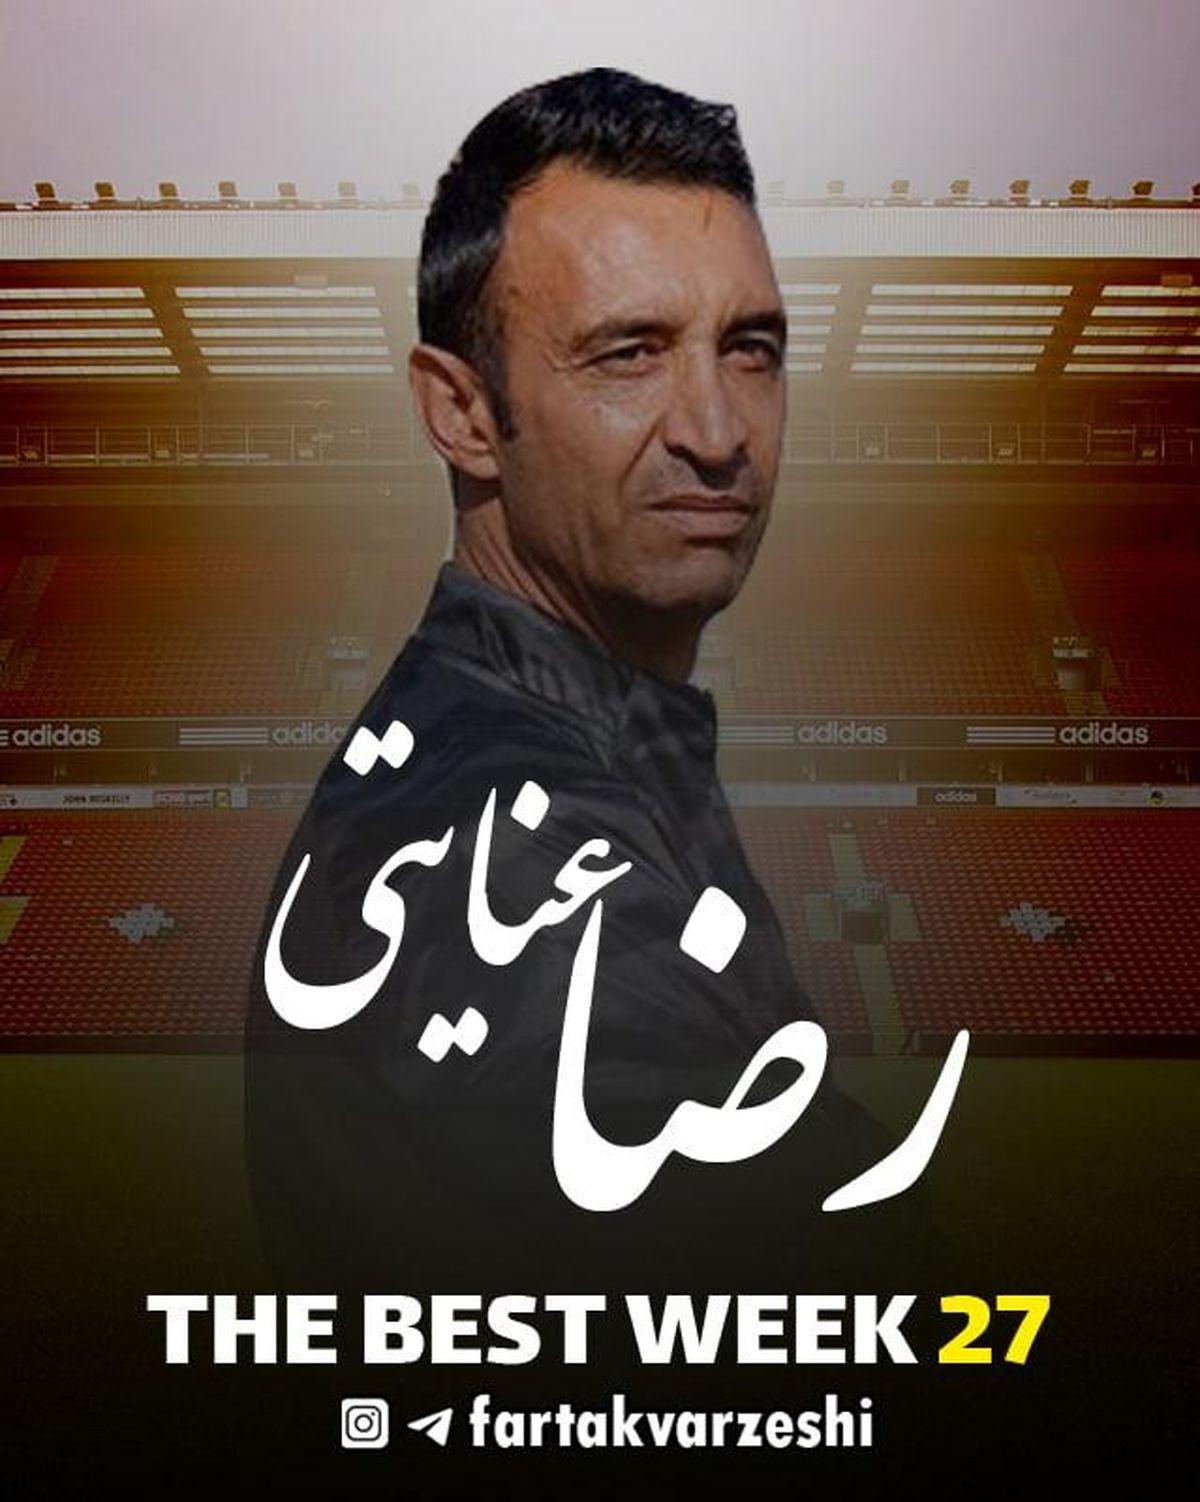 بهترین مربی هفته بیست و هفتم لیگ دسته یک مشخص شد+پوستر